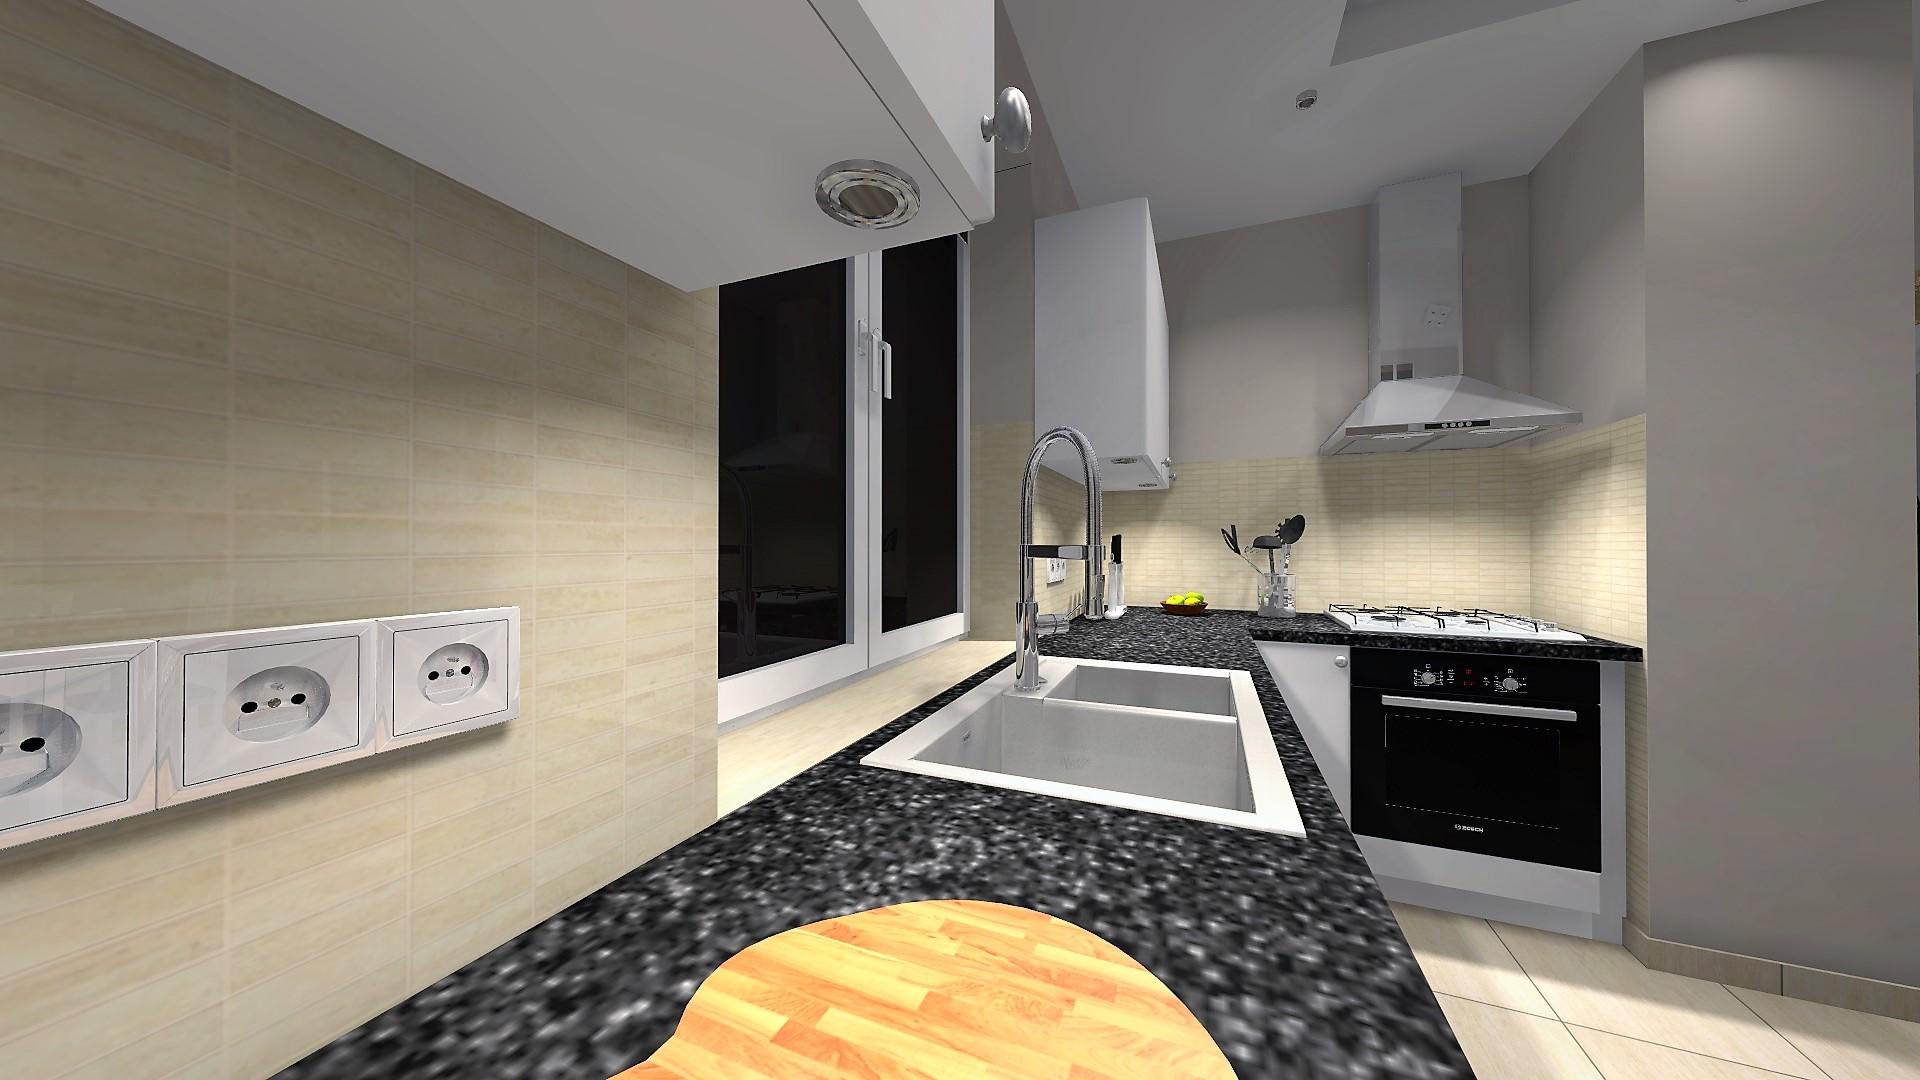 kuchnia+jadalnia+salon (9)